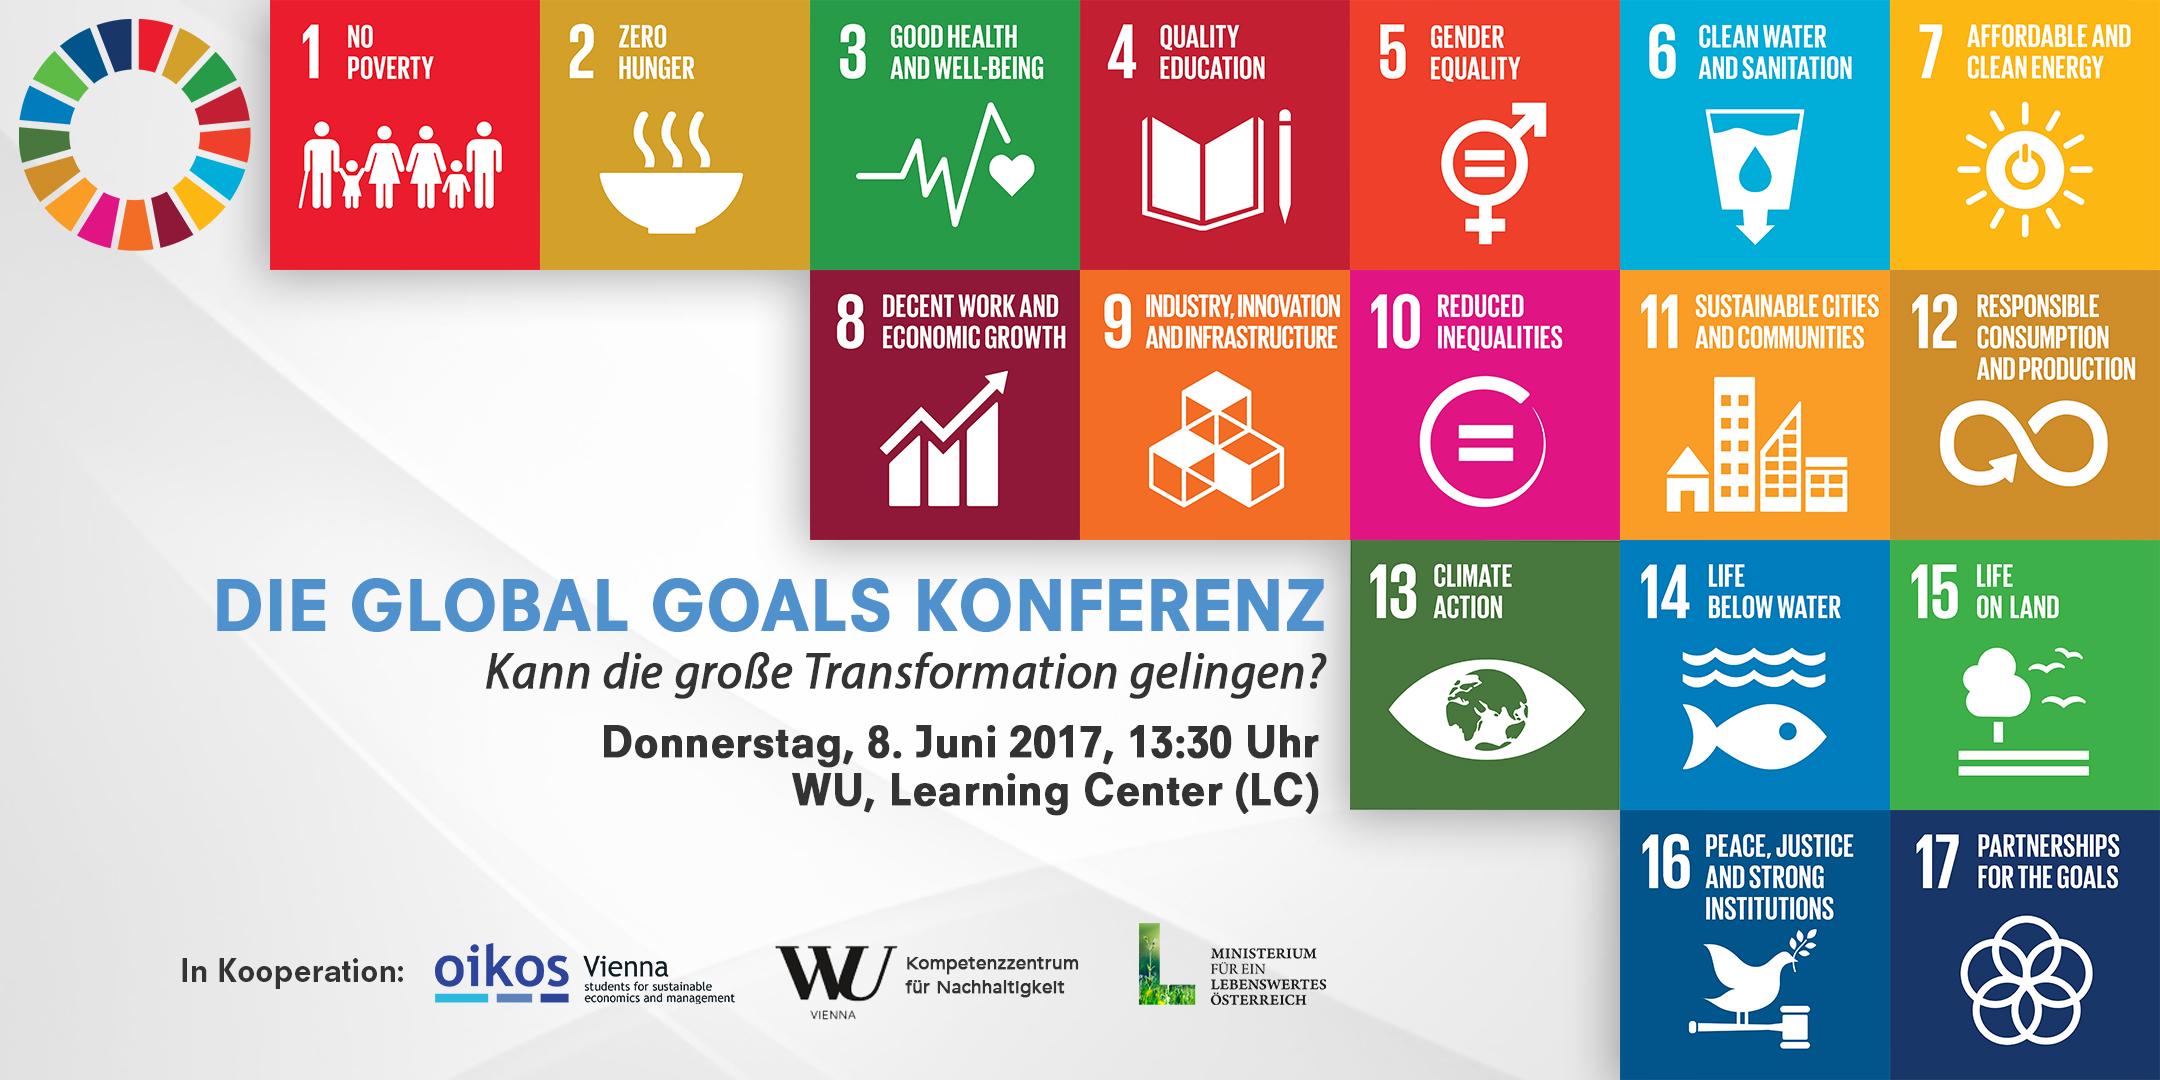 Die Global Goals Konferenz - Kann die große Transformation gelingen? 1